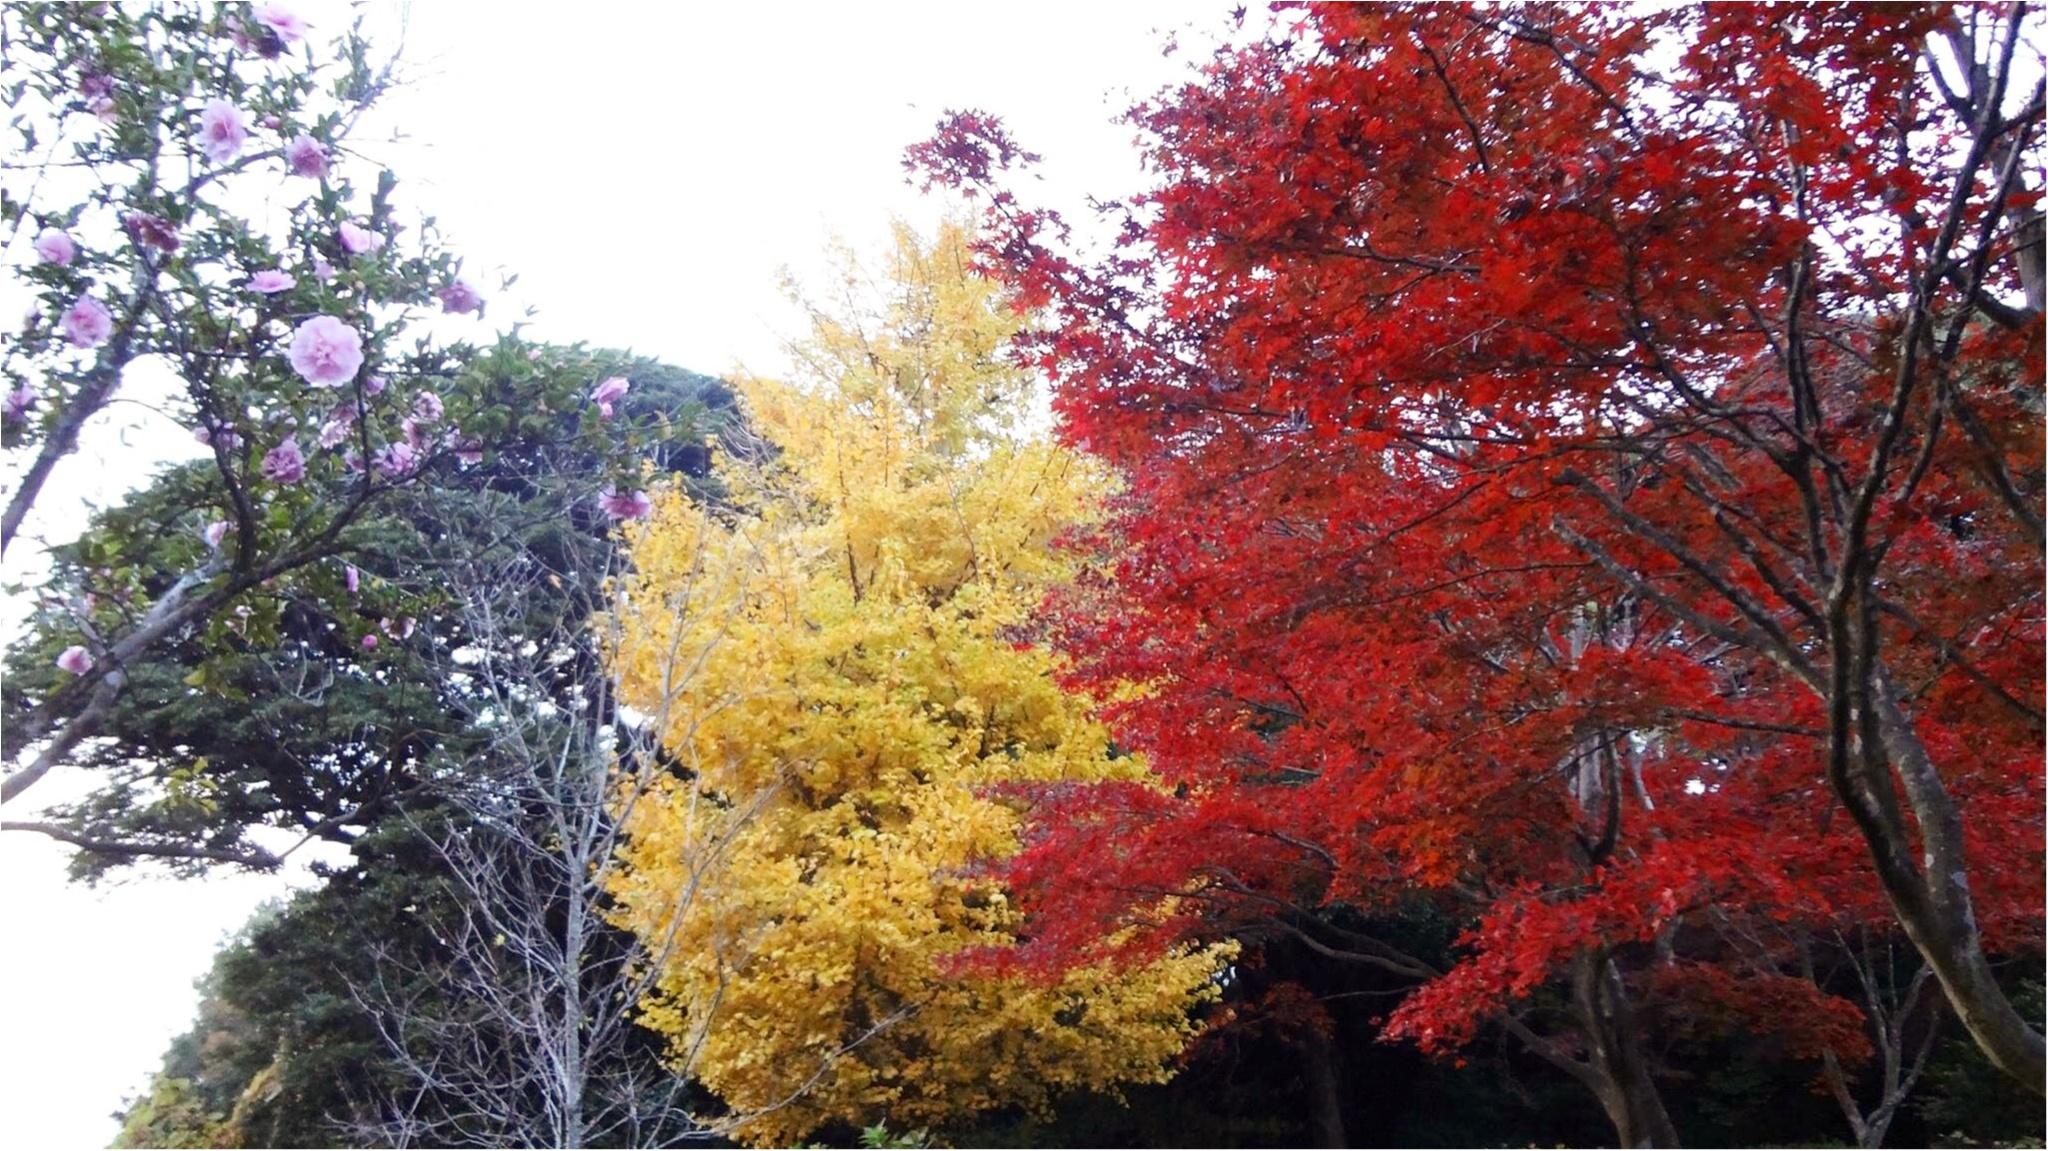 鎌倉にも紅葉の季節がやってきた♡11/20時点で見頃のオススメ紅葉スポットをご紹介✨≪samenyan≫_8